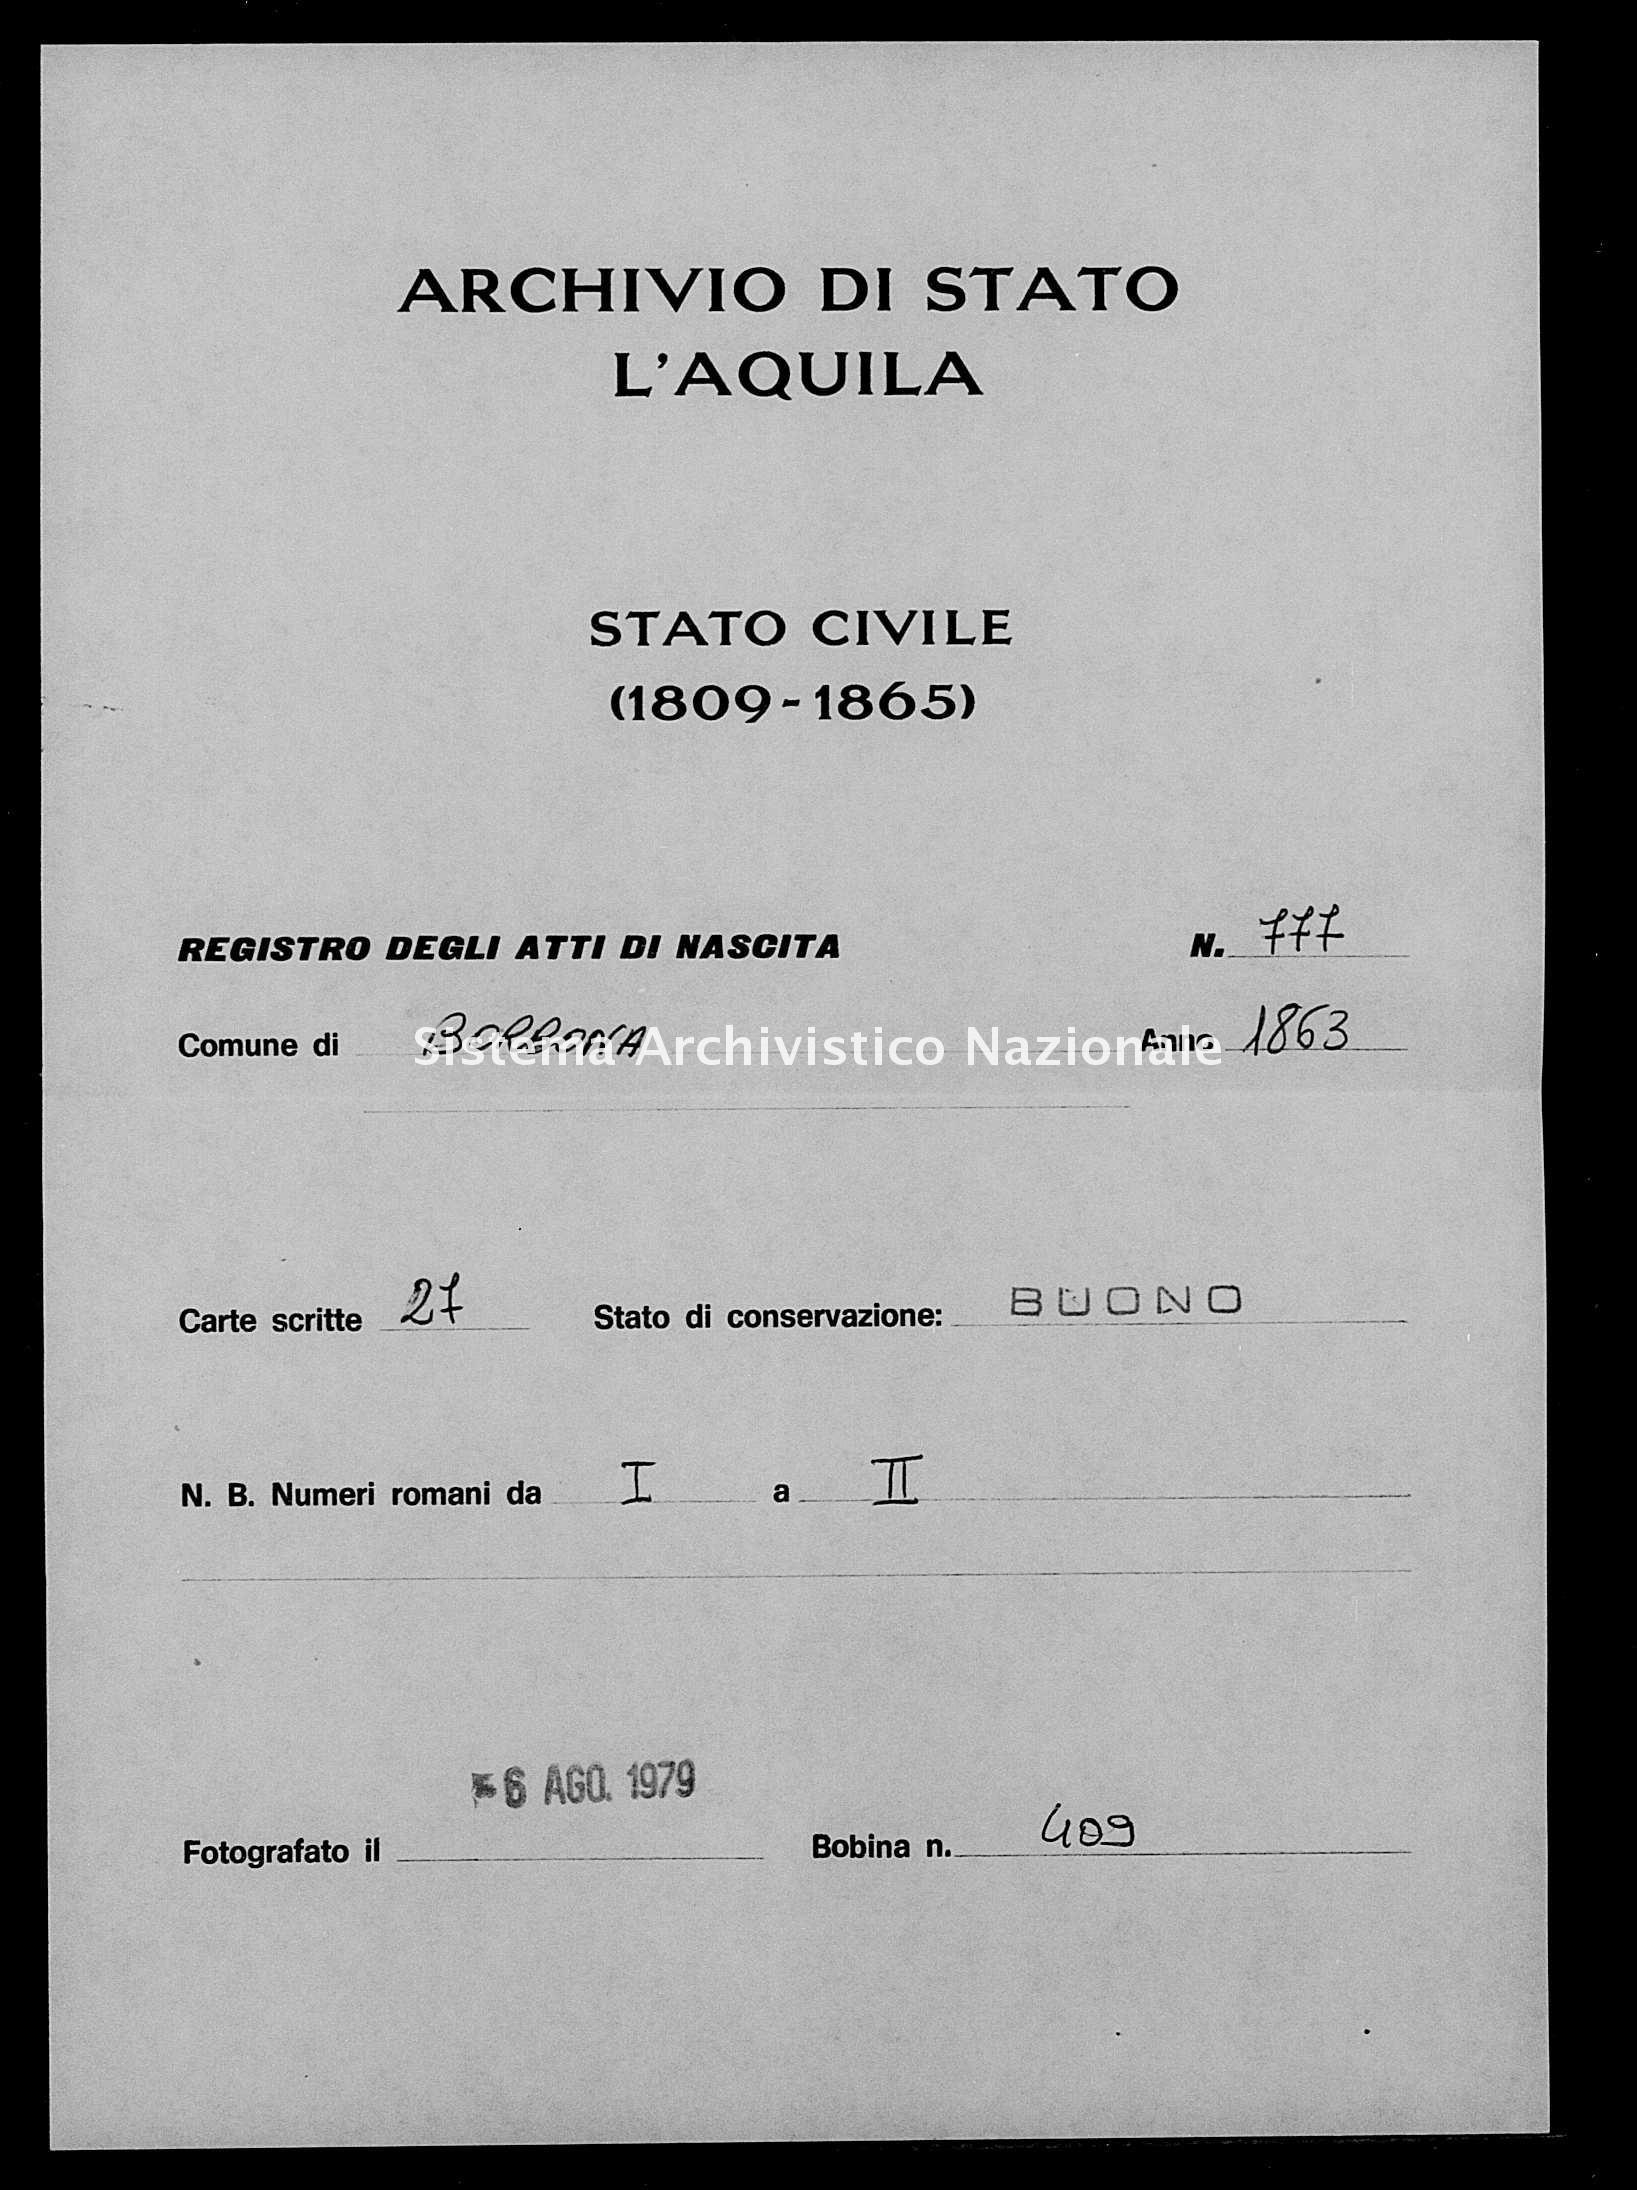 Archivio di stato di L'aquila - Stato civile italiano - Borbona - Nati - 1863 - 777 -